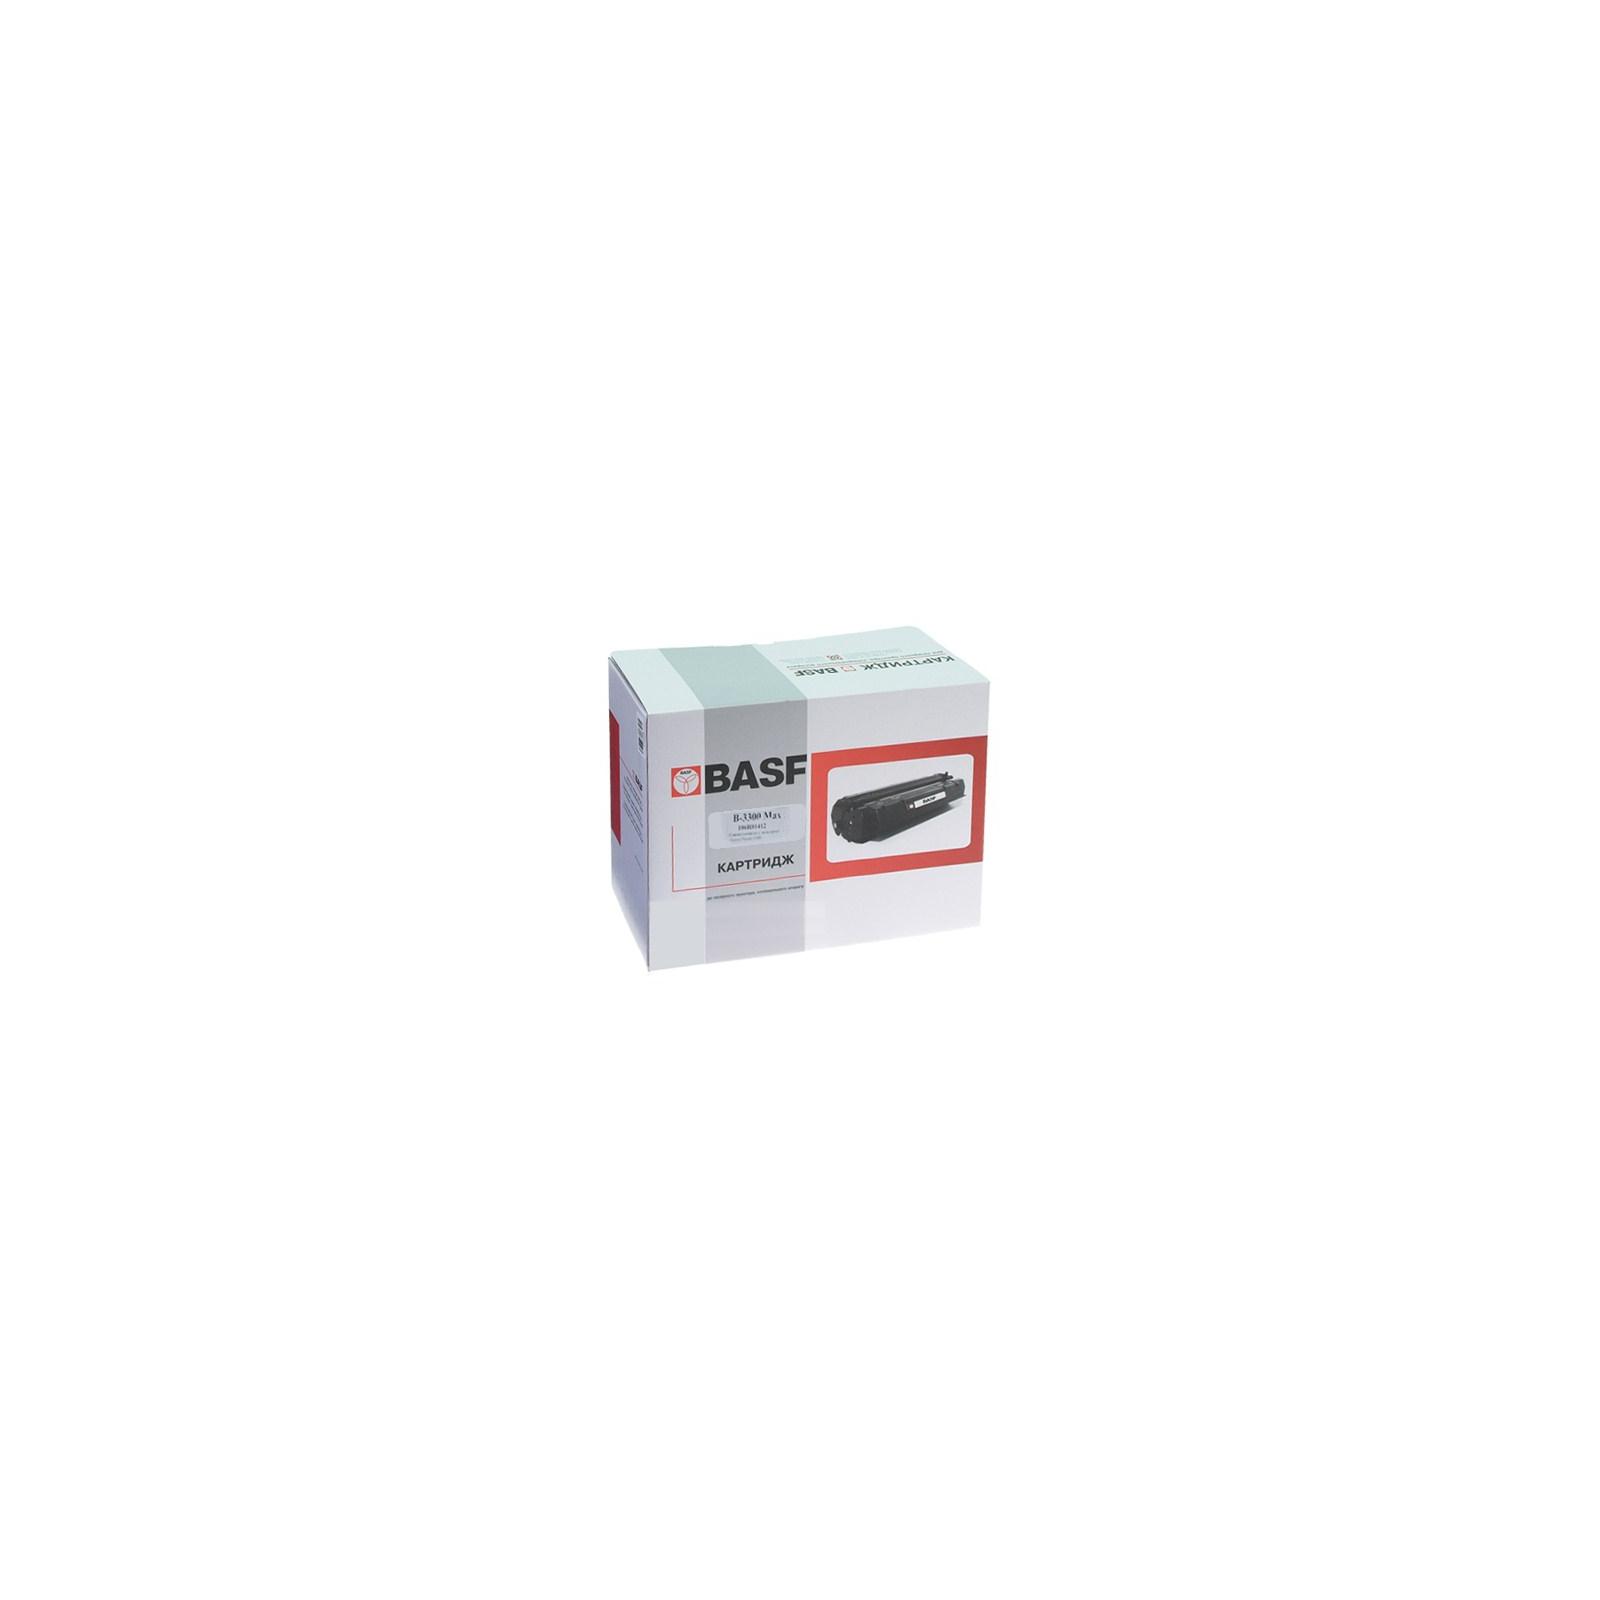 Картридж BASF для XEROX Phaser 3300 (B3300 Max)